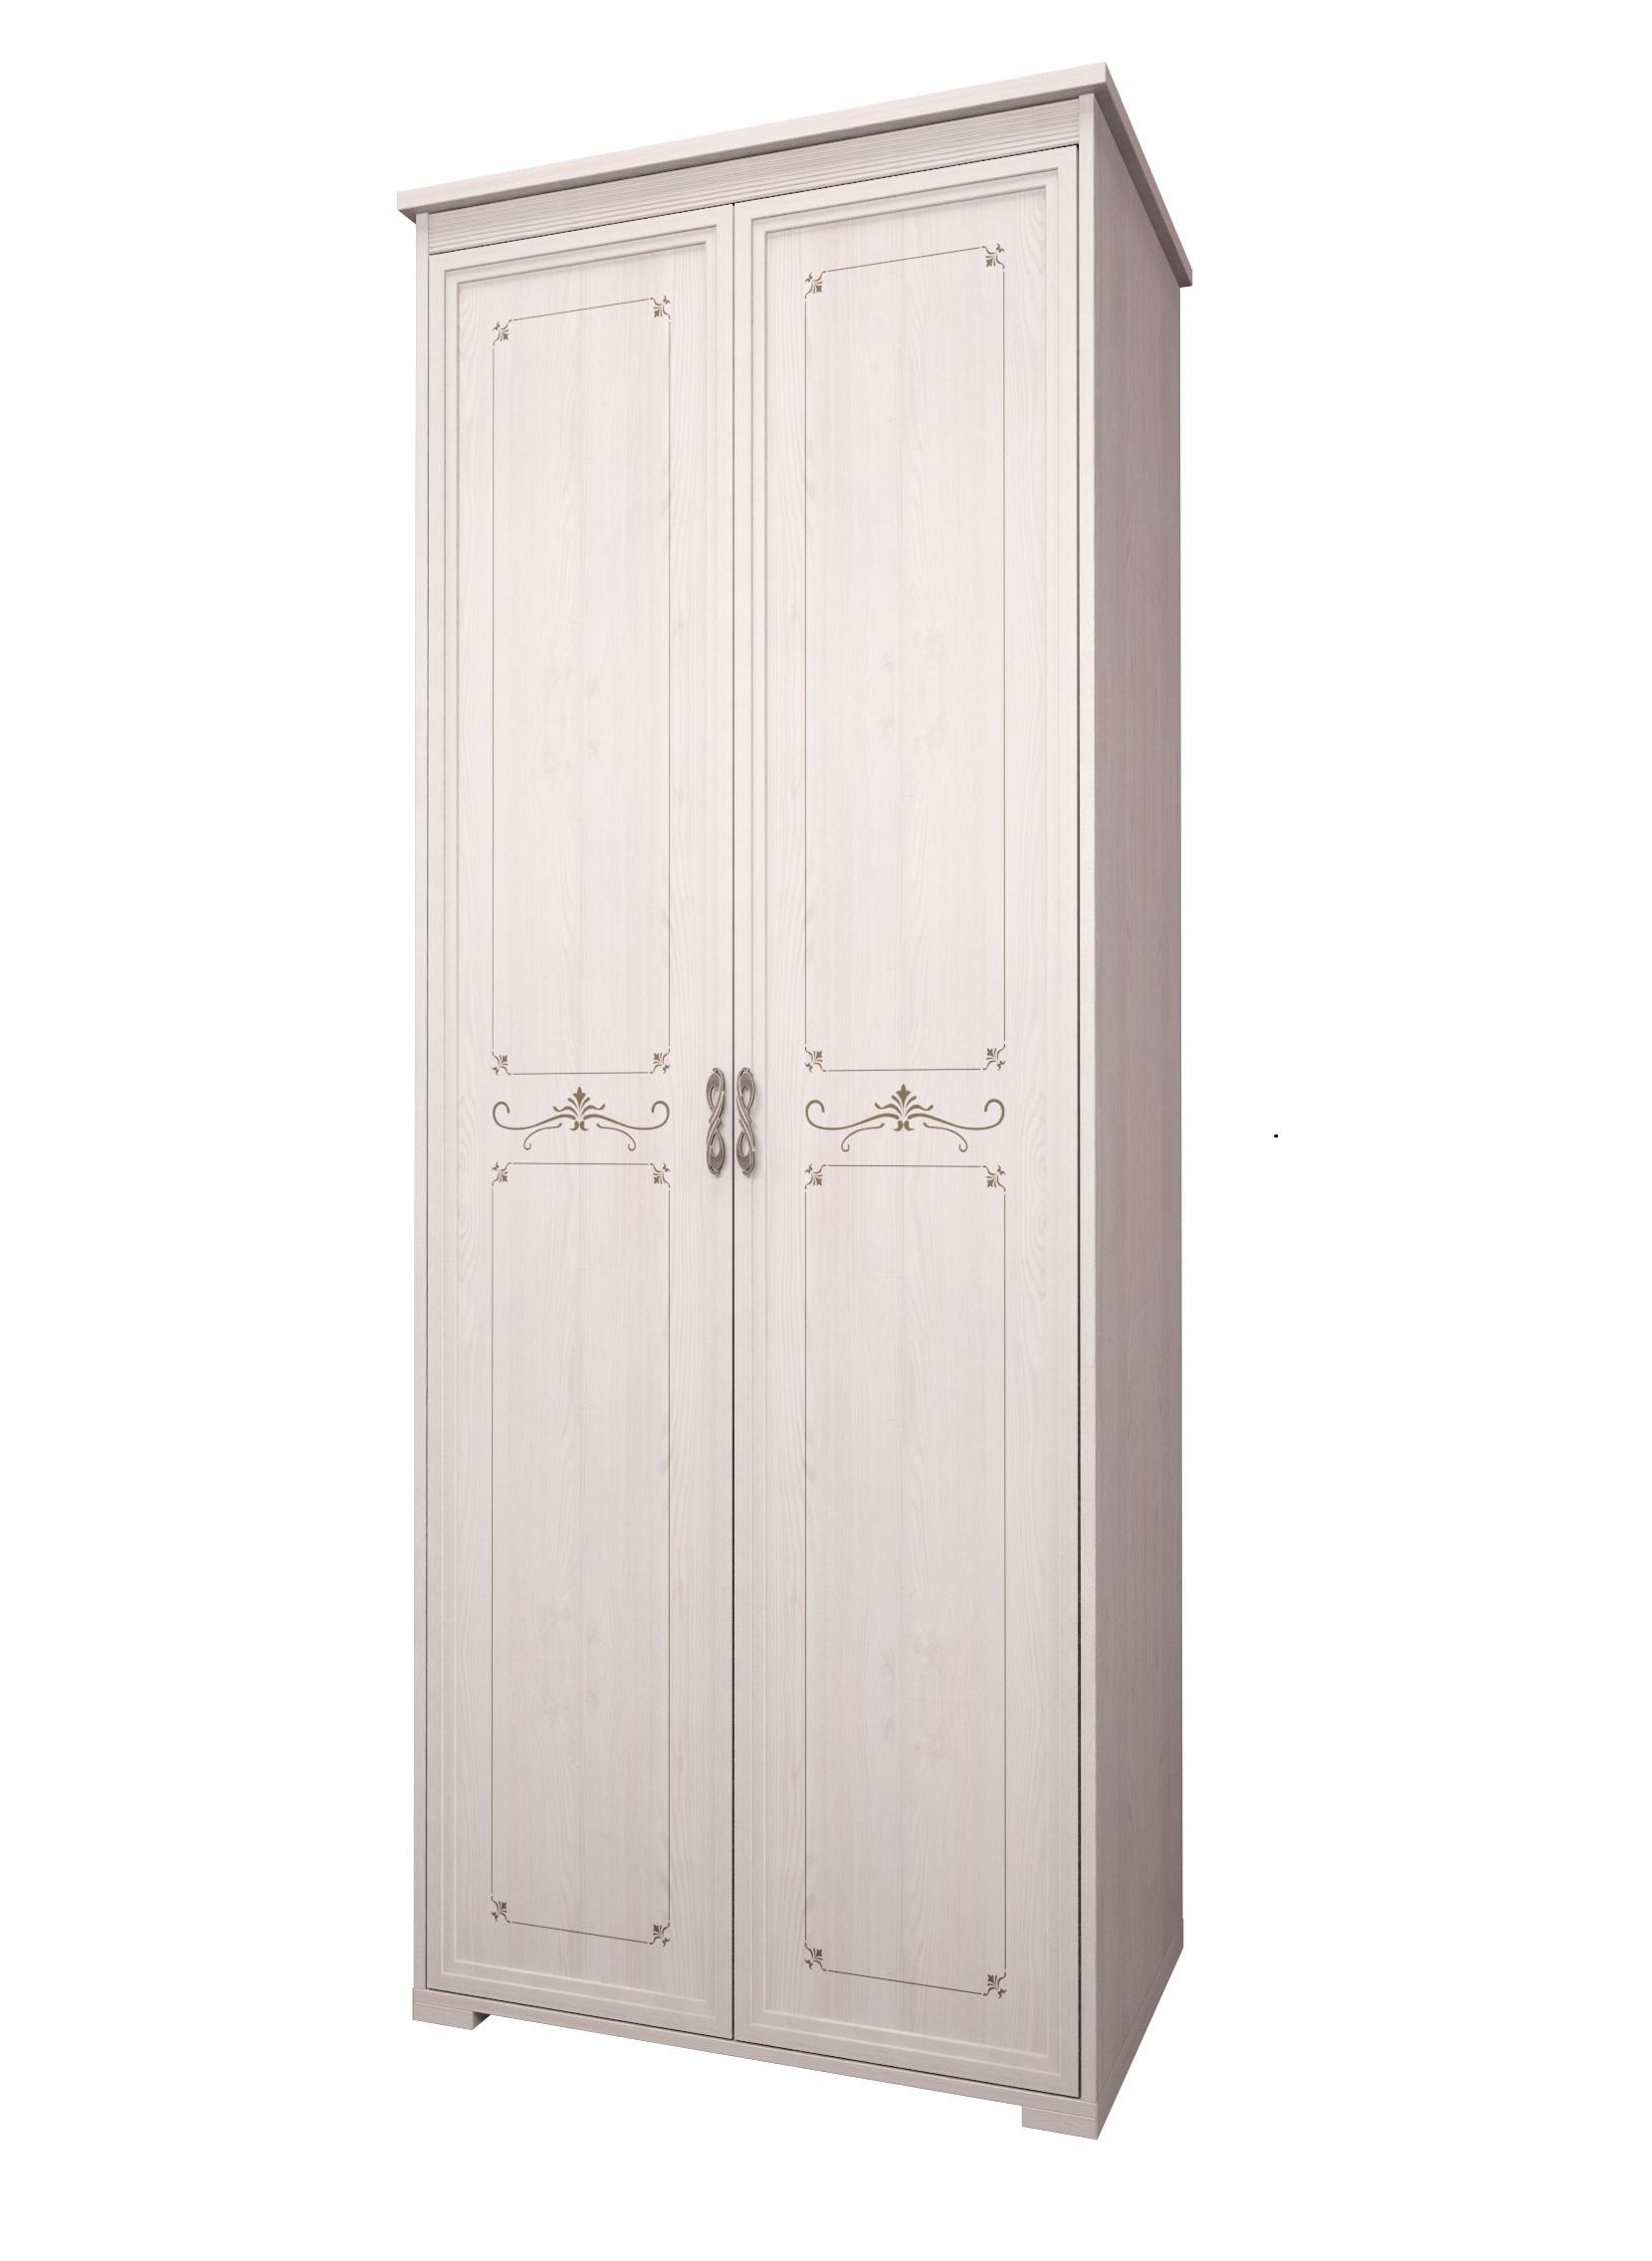 Шкаф для одежды 2-х дверный Афродита 08 (без карниза)